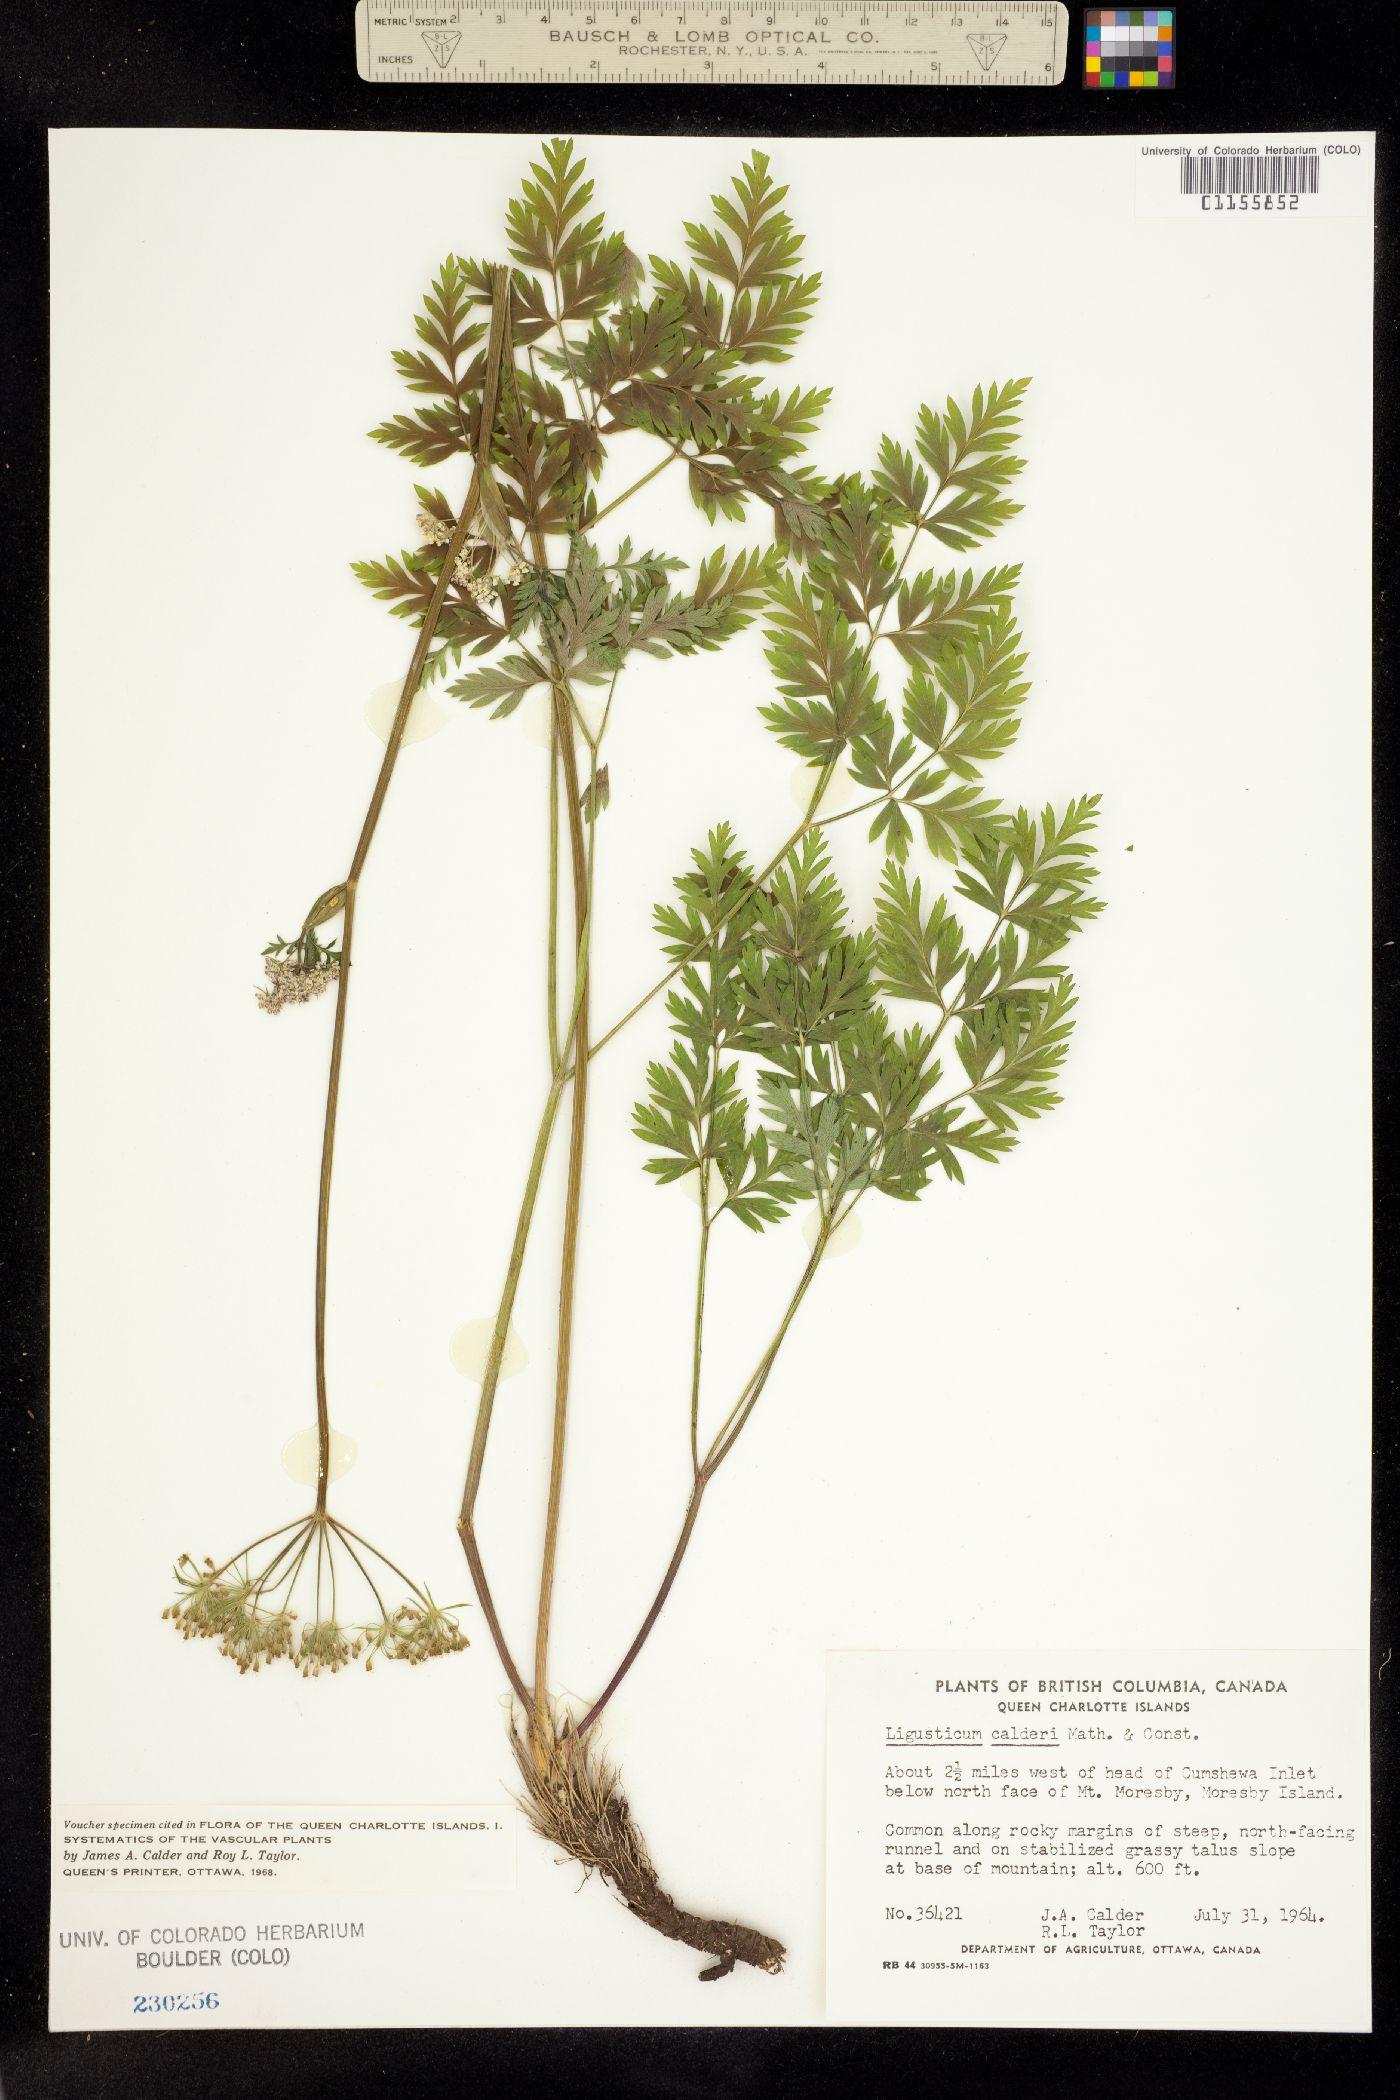 Ligusticum calderi image